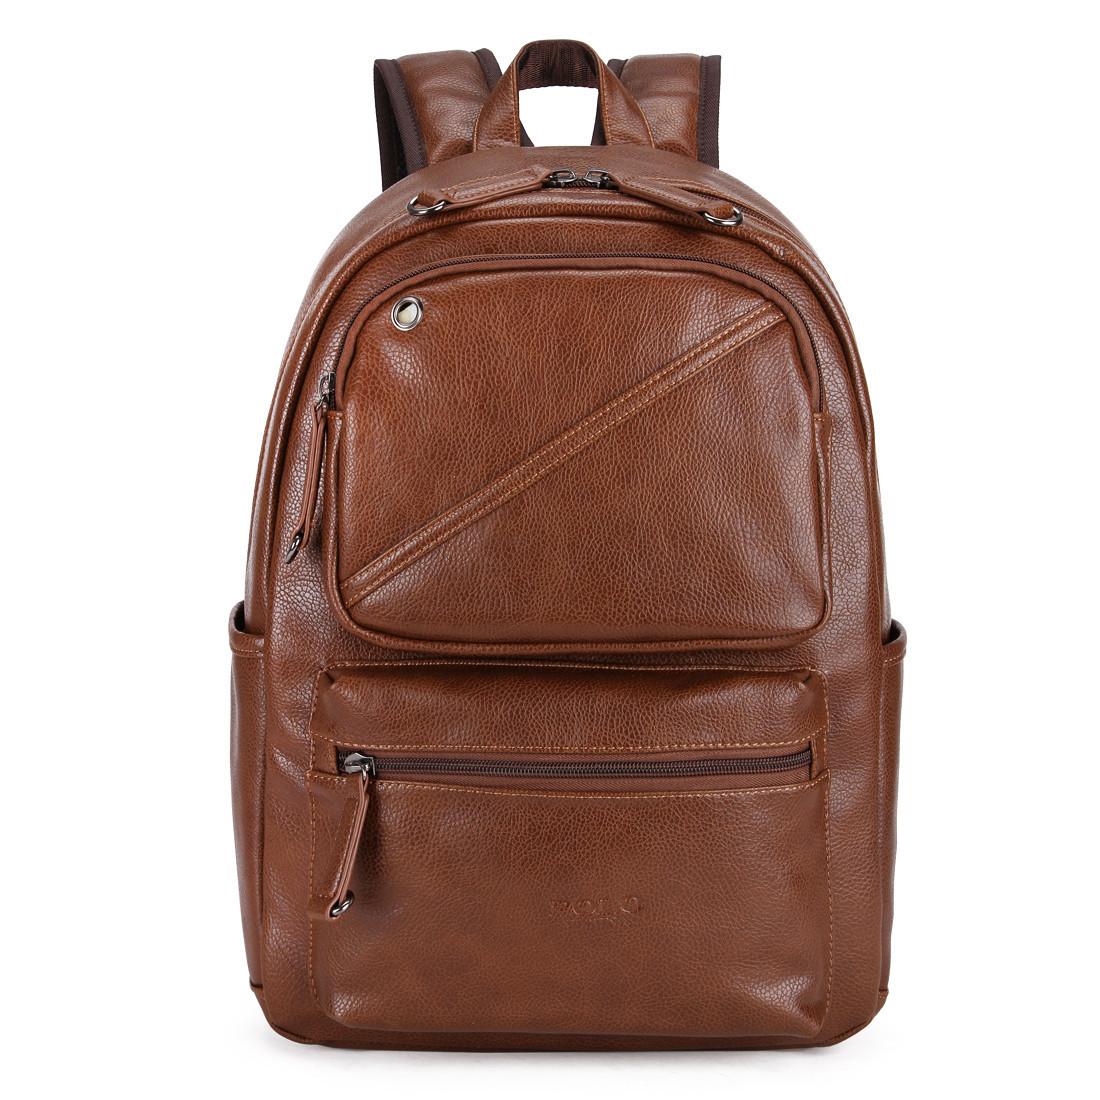 Городской мужской рюкзак  Черный, коричневый.РЮКЗАК ДЛЯ НОУТБУКА